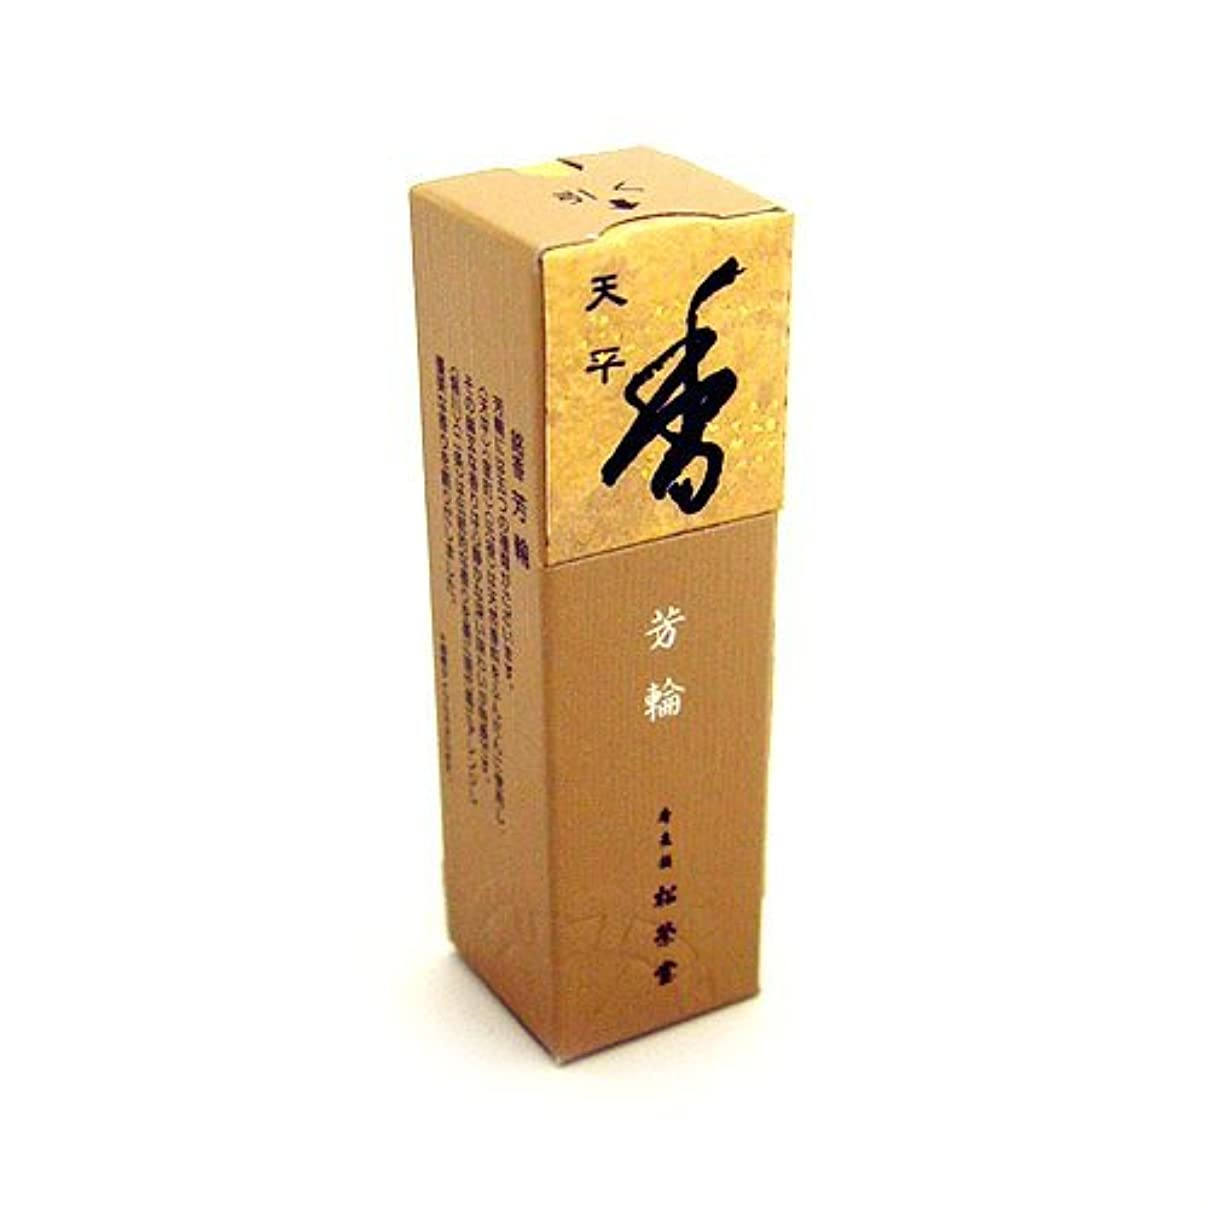 良い流出口実Shoyeido's Peaceful Sky Incense 20 Sticks - Ten-pyo [並行輸入品]